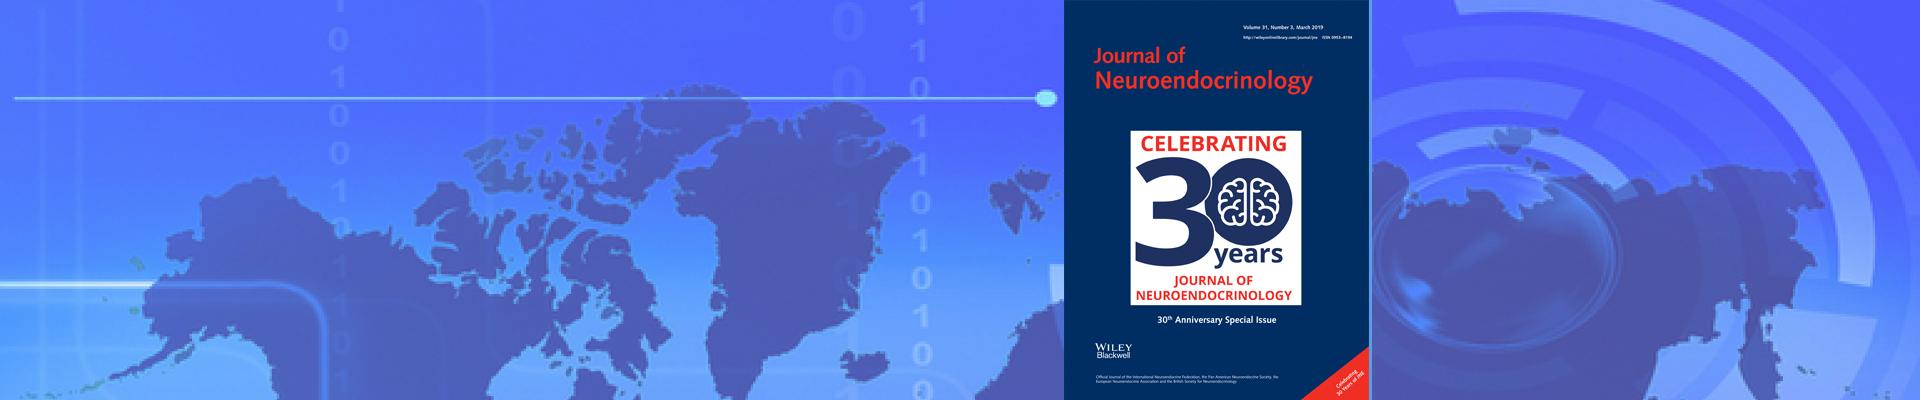 British Society for Neuroendocrinology